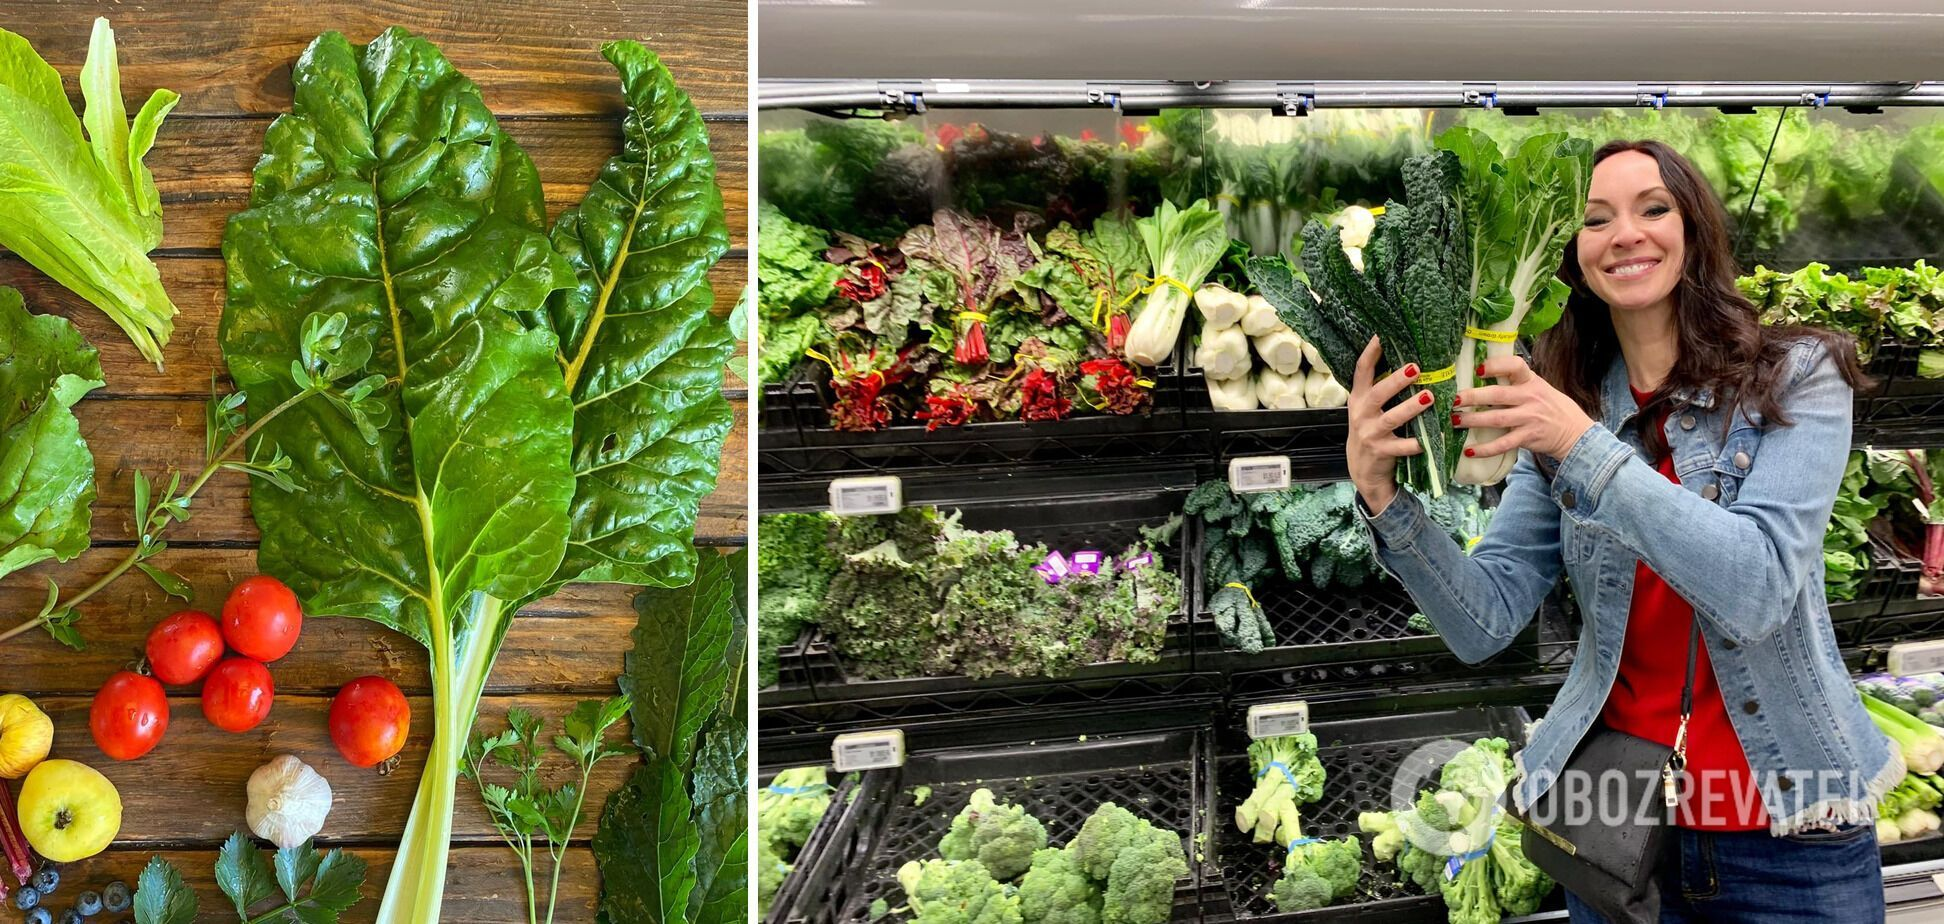 Мрієте про стрункість, молодість та здоров'я? Їжте зелень!